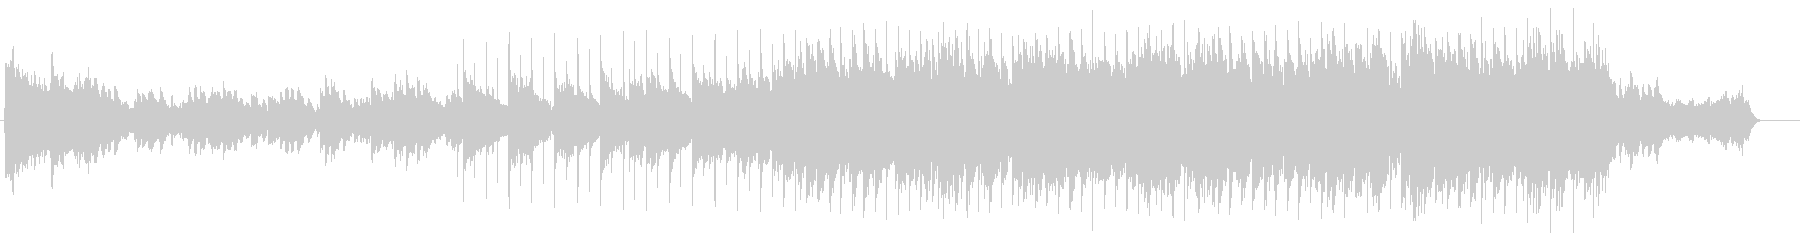 喜びのファンタスティックなソフトバラードの未再生の波形